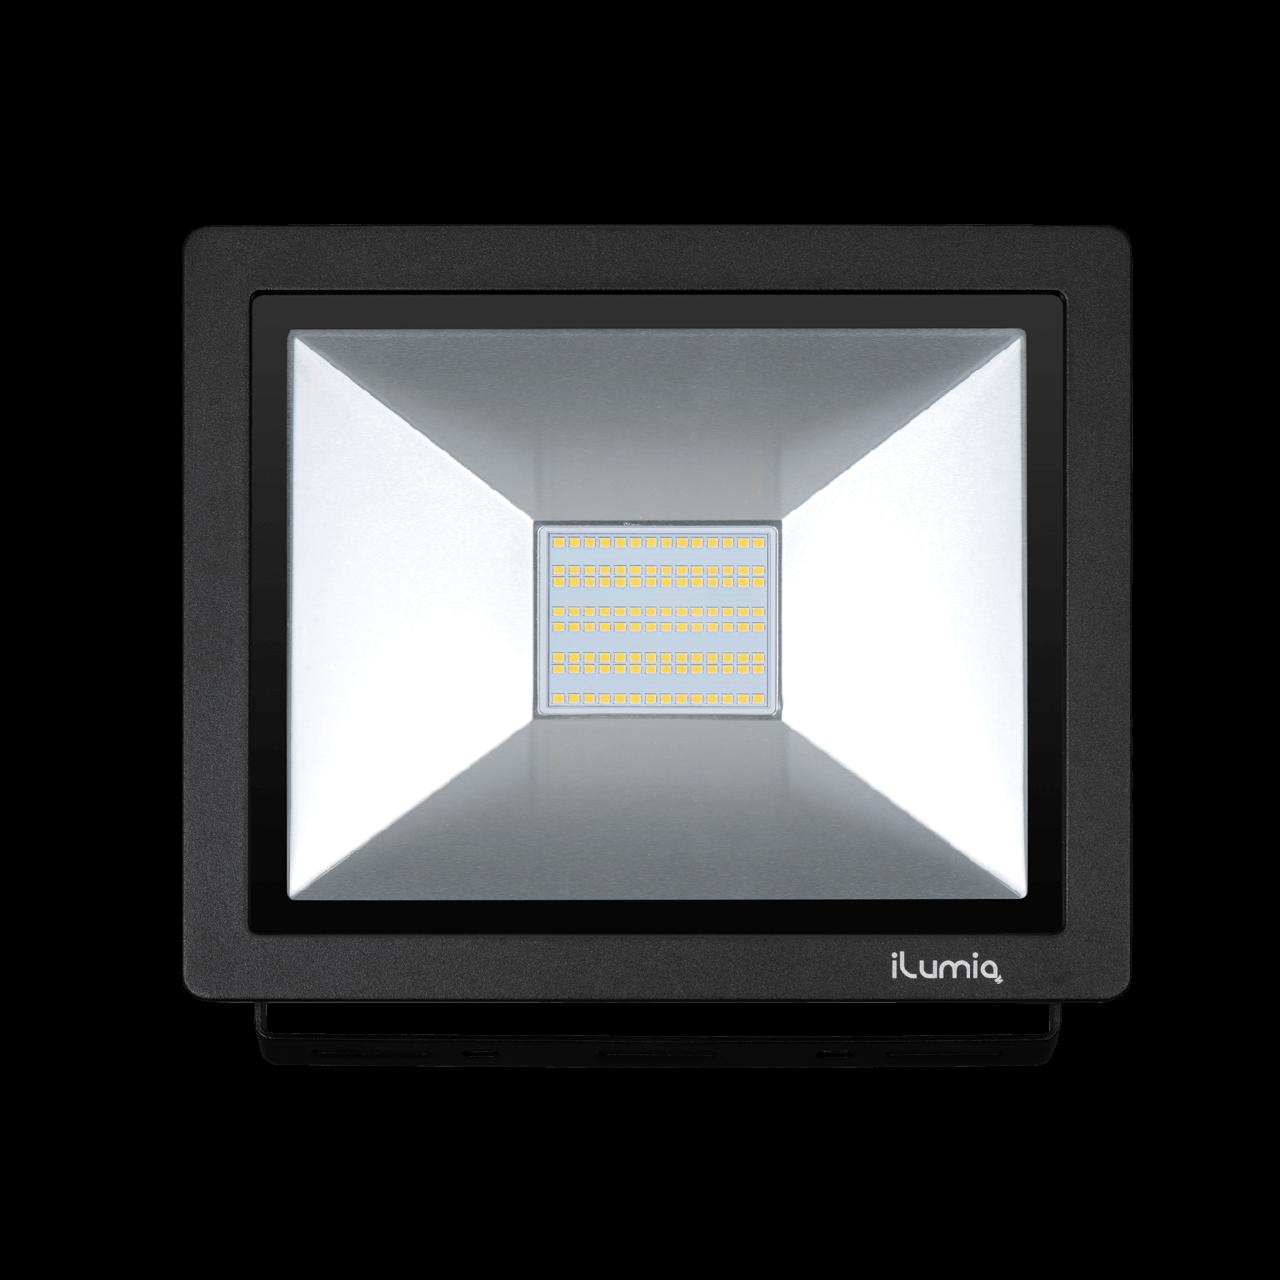 Светодиодный прожектор 70W 4000K iLumia